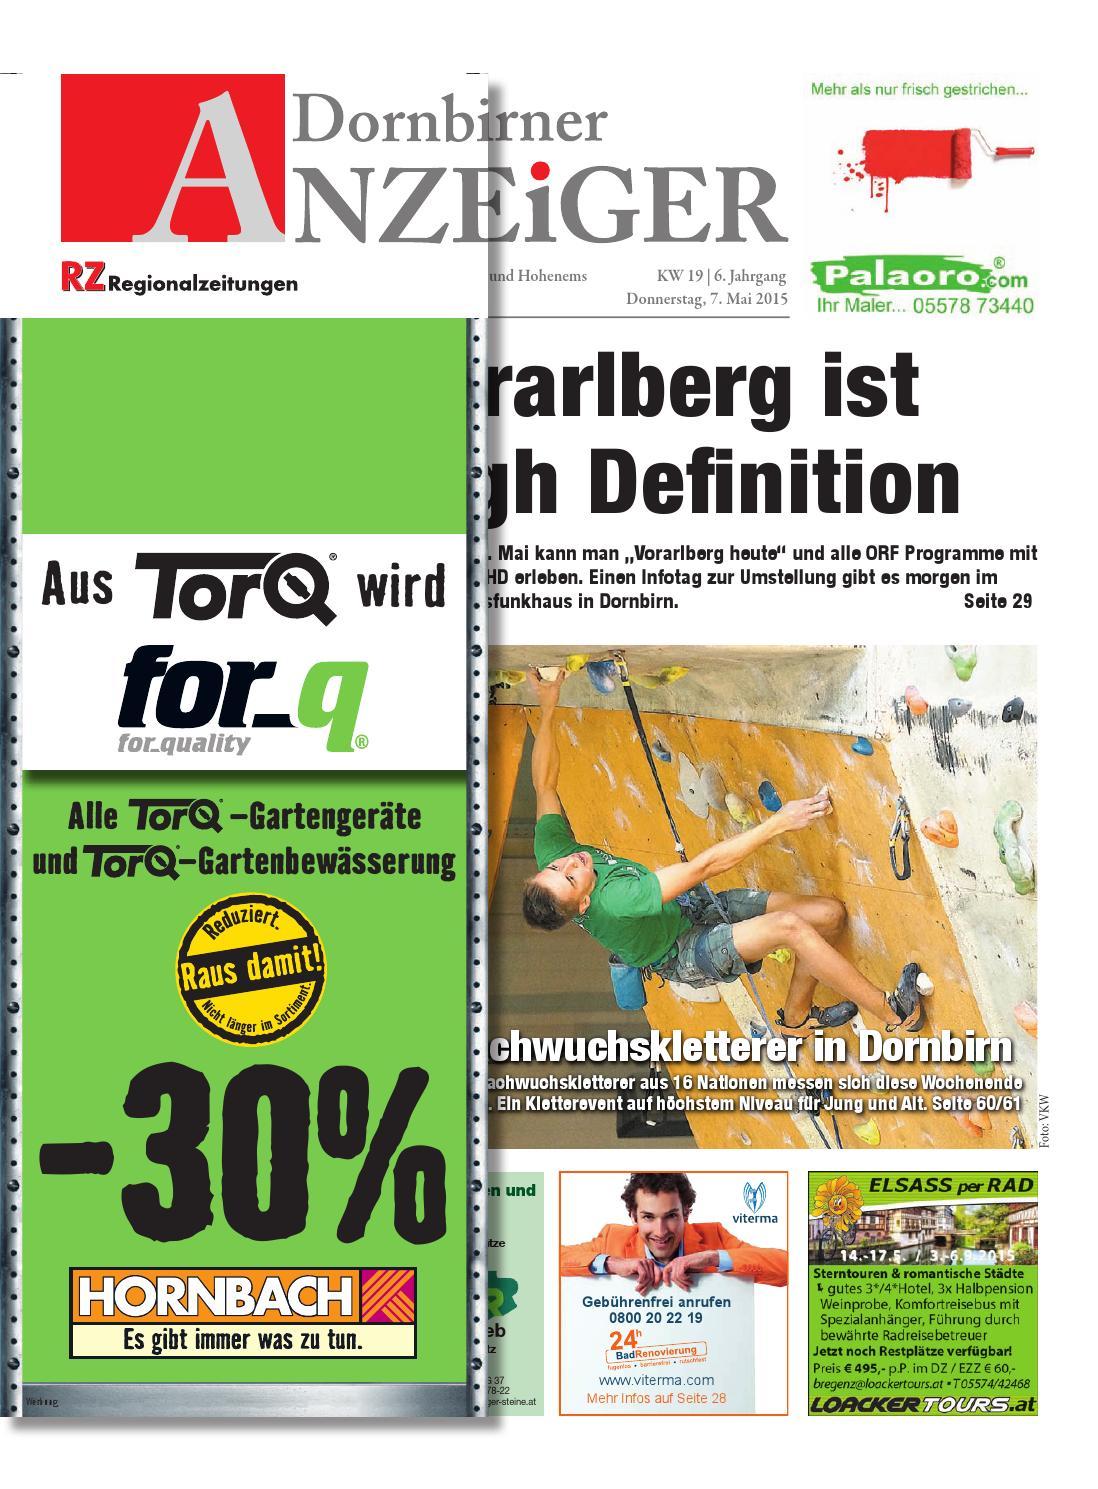 Alte Fensterläden Im Garten Best Of Dornbirner Anzeiger 19 by Regionalzeitungs Gmbh issuu